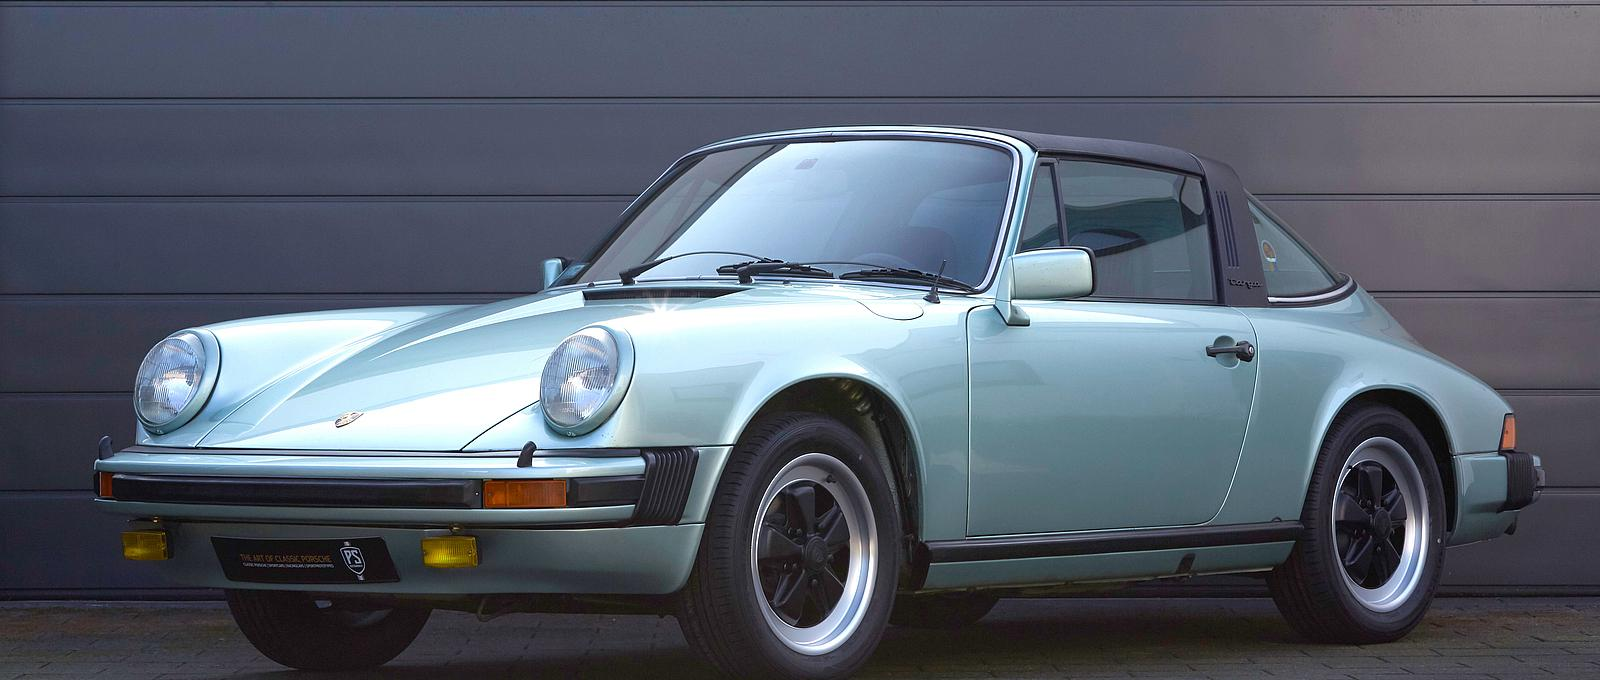 Porsche 911 2.7 SC Targa